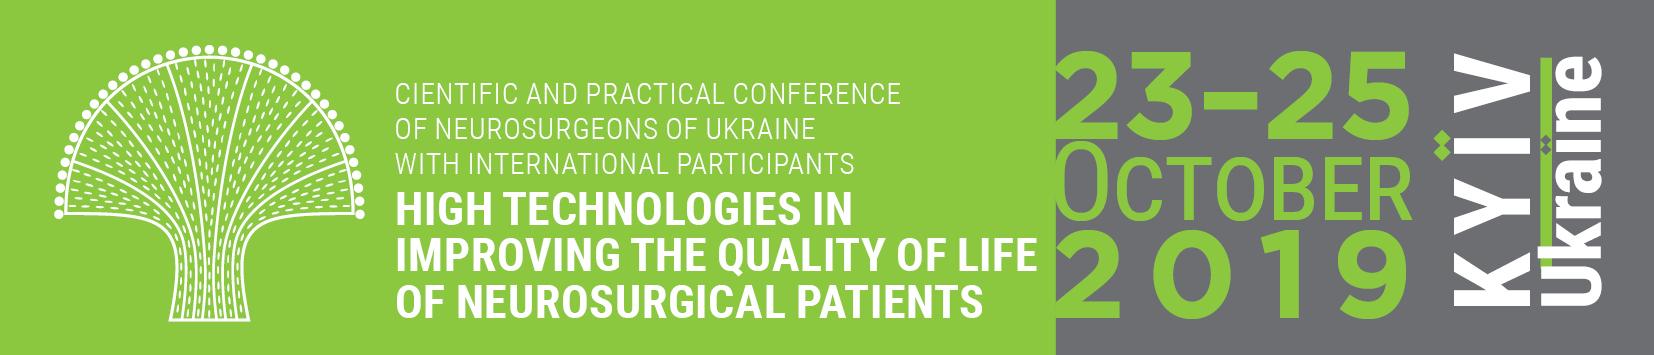 Науково-практична конференція нейрохірургів України з міжнародною участю «ВИСОКІ ТЕХНОЛОГІЇ У ПІДВИЩЕННІ ЯКОСТІ ЖИТТЯ НЕЙРОХІРУРГІЧНИХ ХВОРИХ»